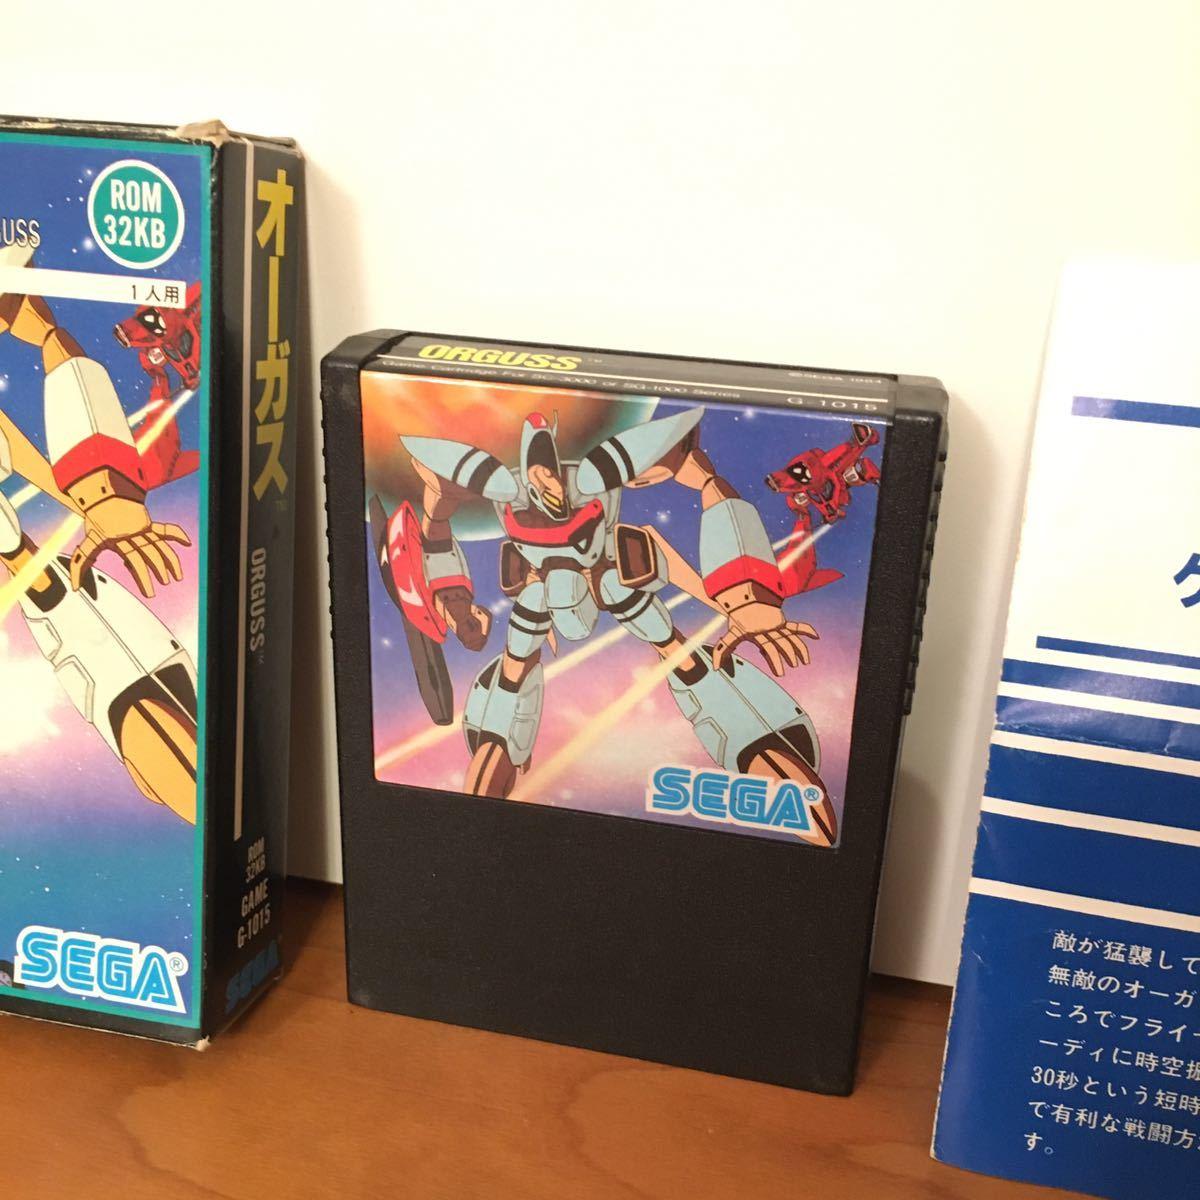 美品 箱 説明書付き SEGA セガ ORGUSS オーガス SG-3000 SG-1000_画像1